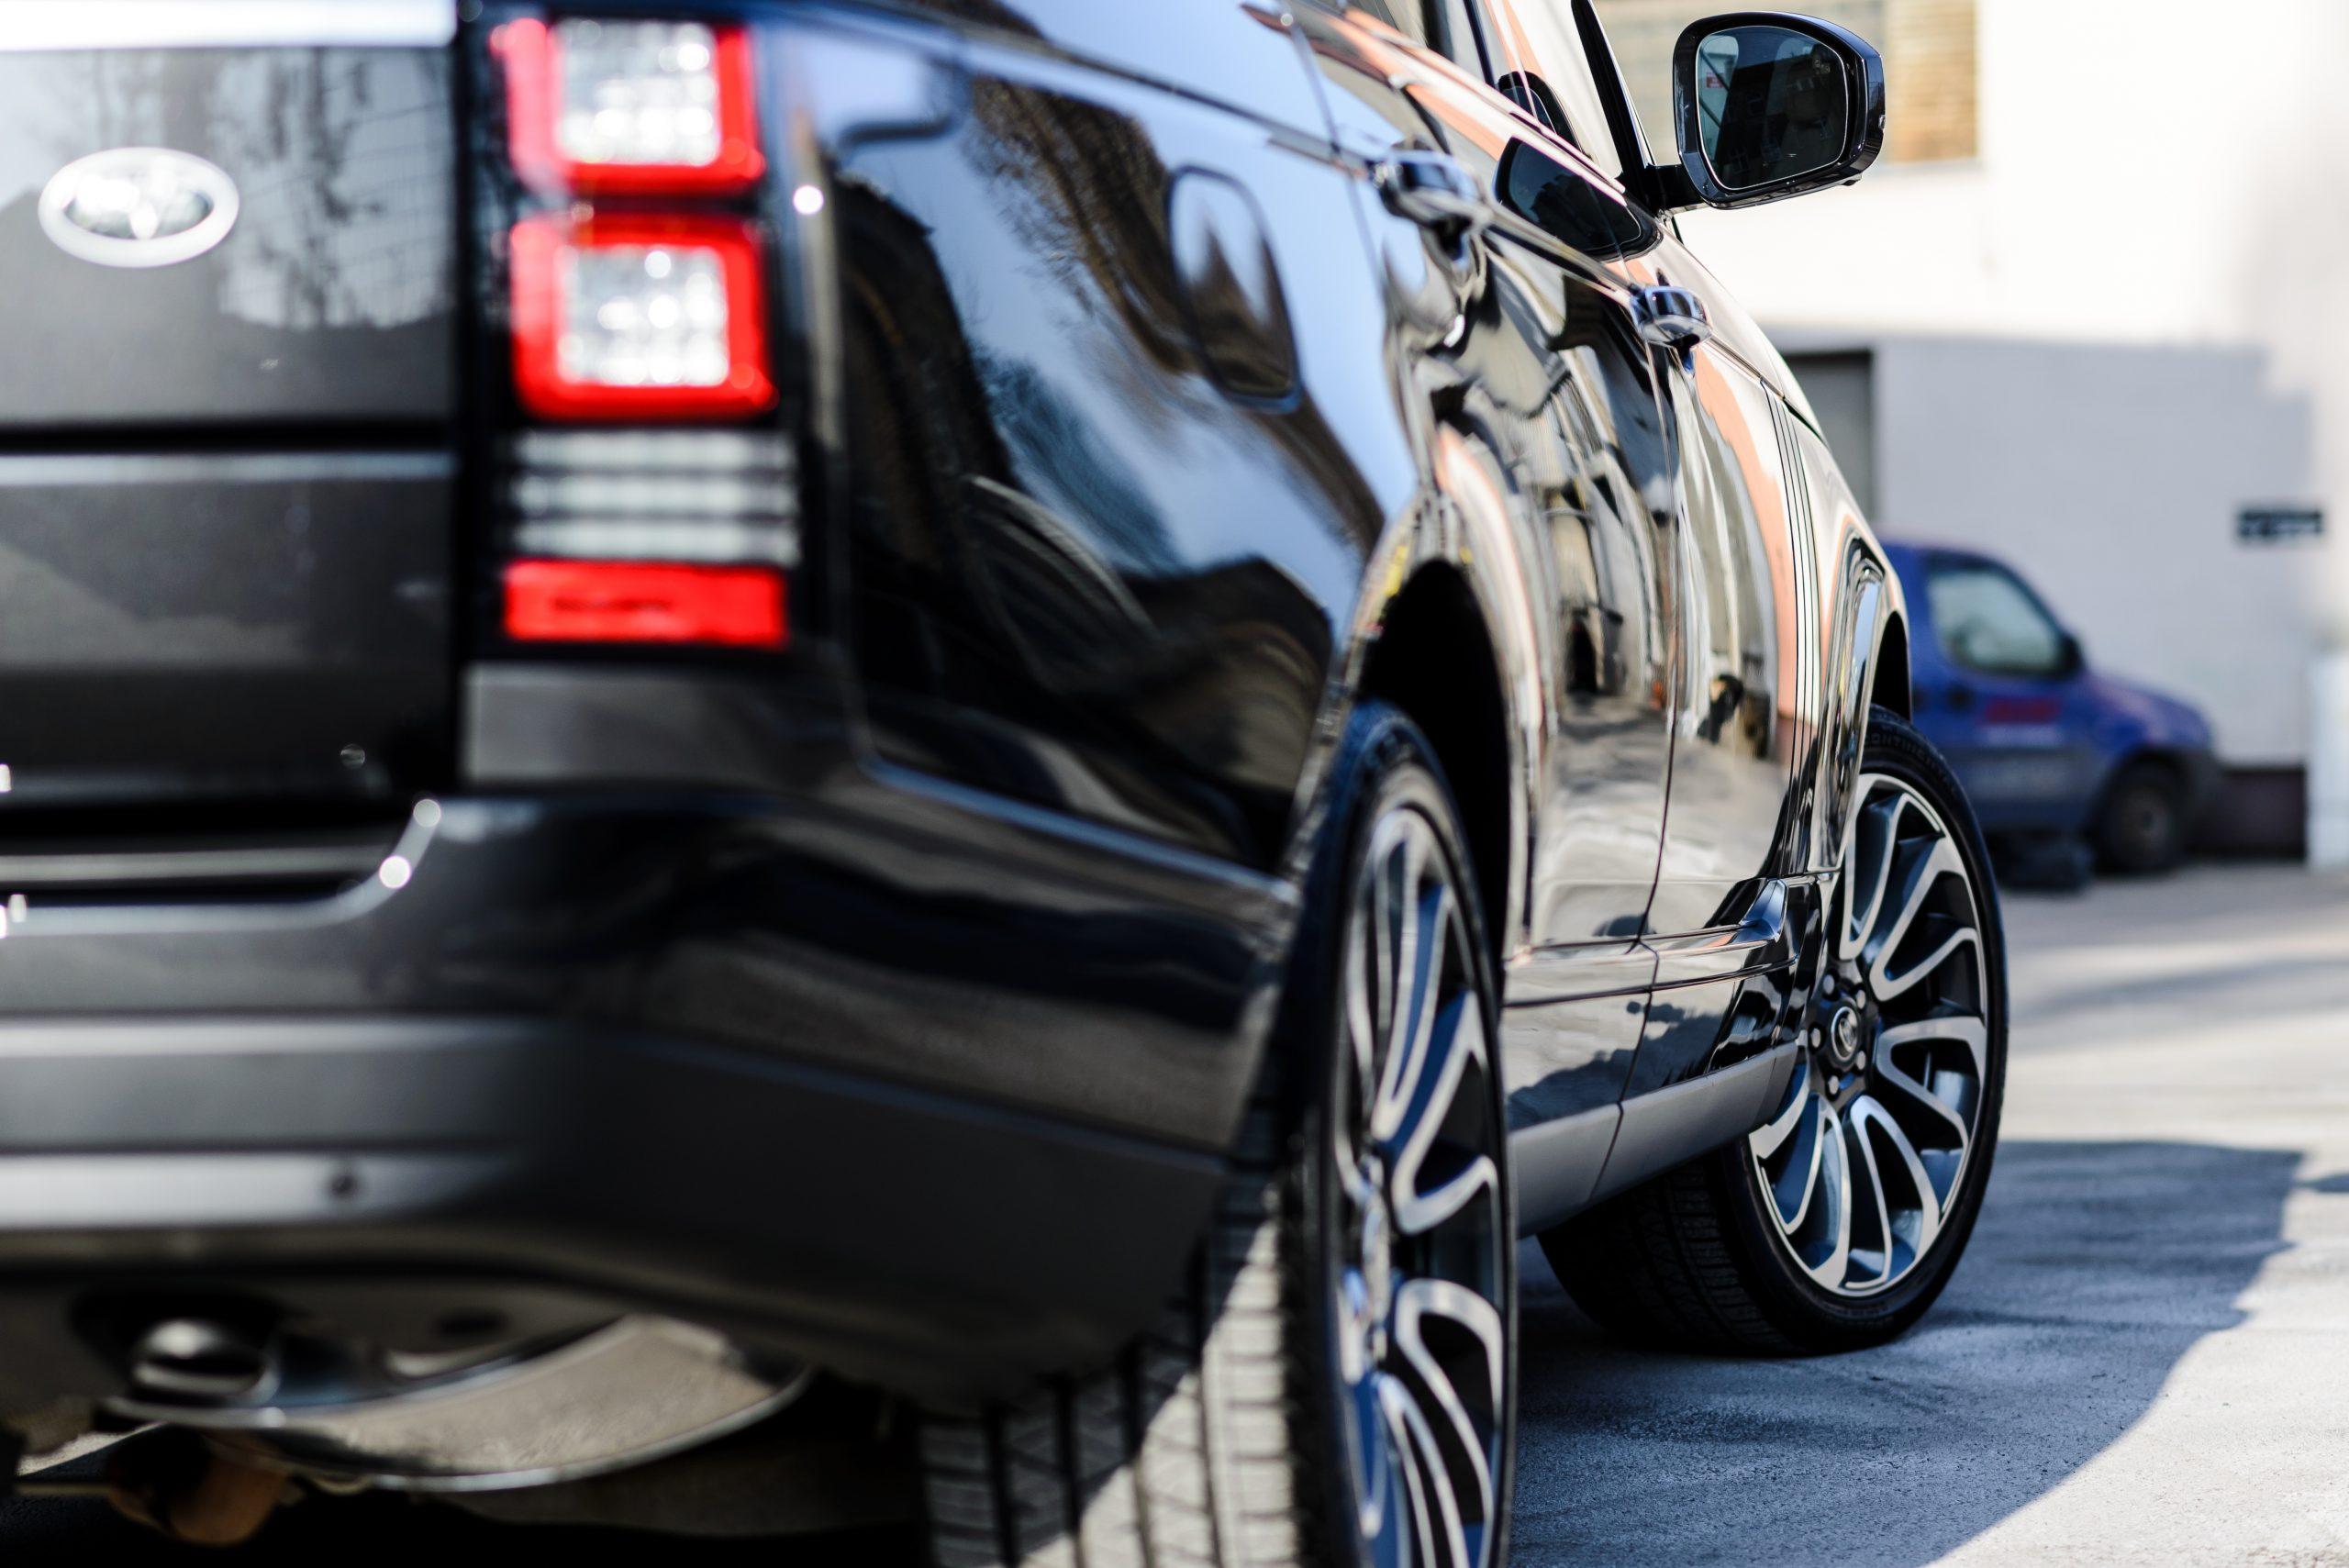 Range Rover Autobiography - Park Automotive